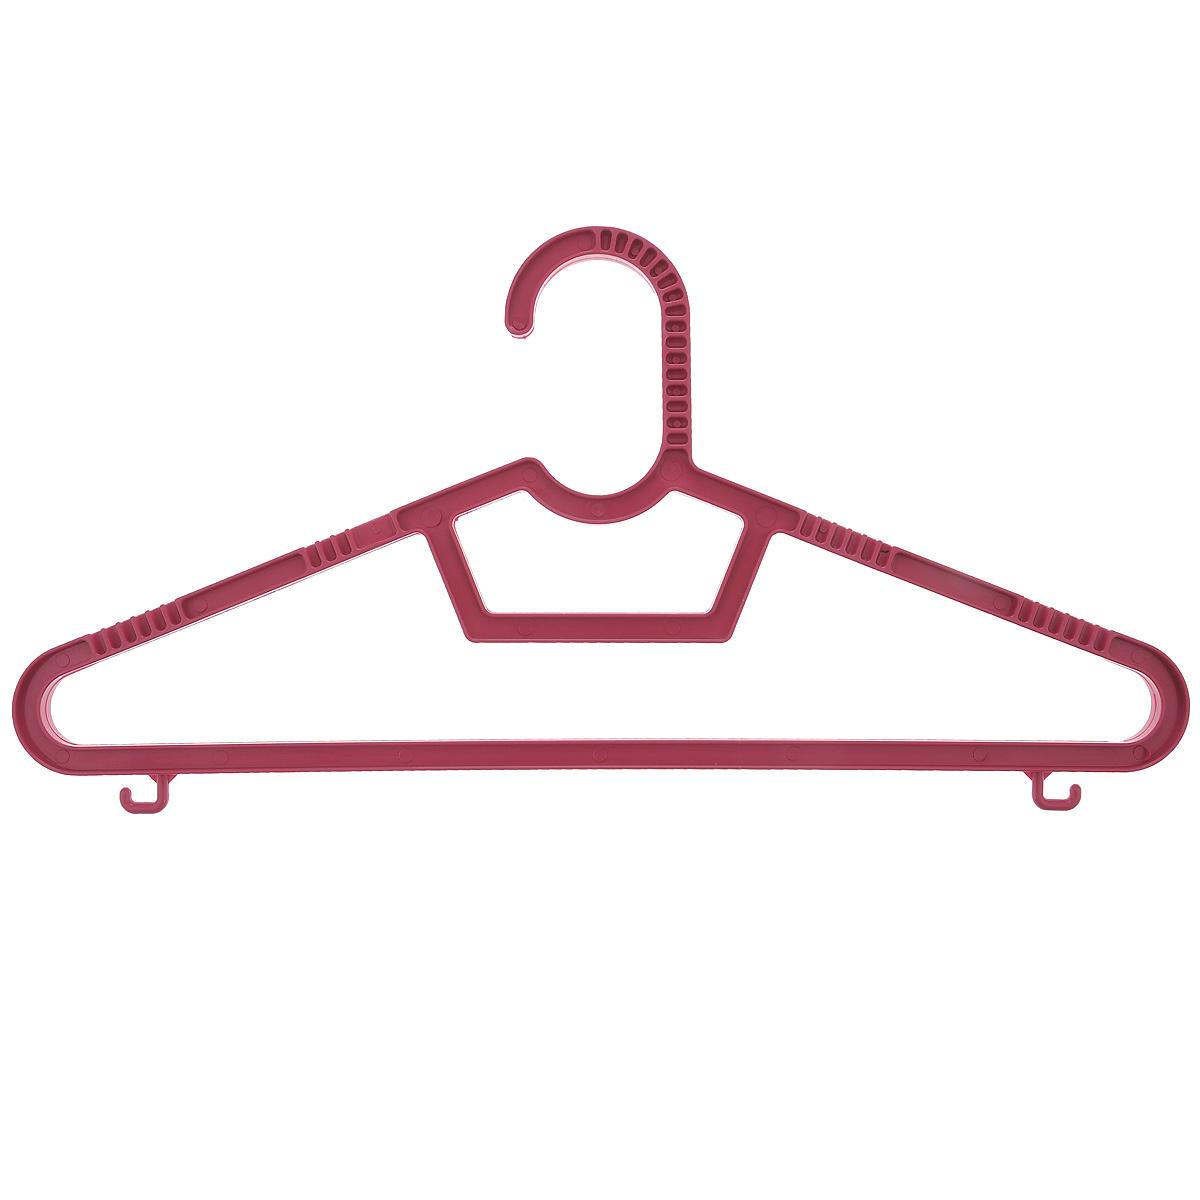 Набор вешалок Полимербыт, с перекладиной, с крючками, цвет: темно-розовый, размер 40-42, 3 штС236Набор вешалок Полимербыт выполнен из пластика. Изделия оснащены перекладинами и крючками. Вешалка - это незаменимая вещь для того, чтобы ваша одежда всегда оставалась в хорошем состоянии. Комплектация: 3 шт. Размер одежды: 40-42.